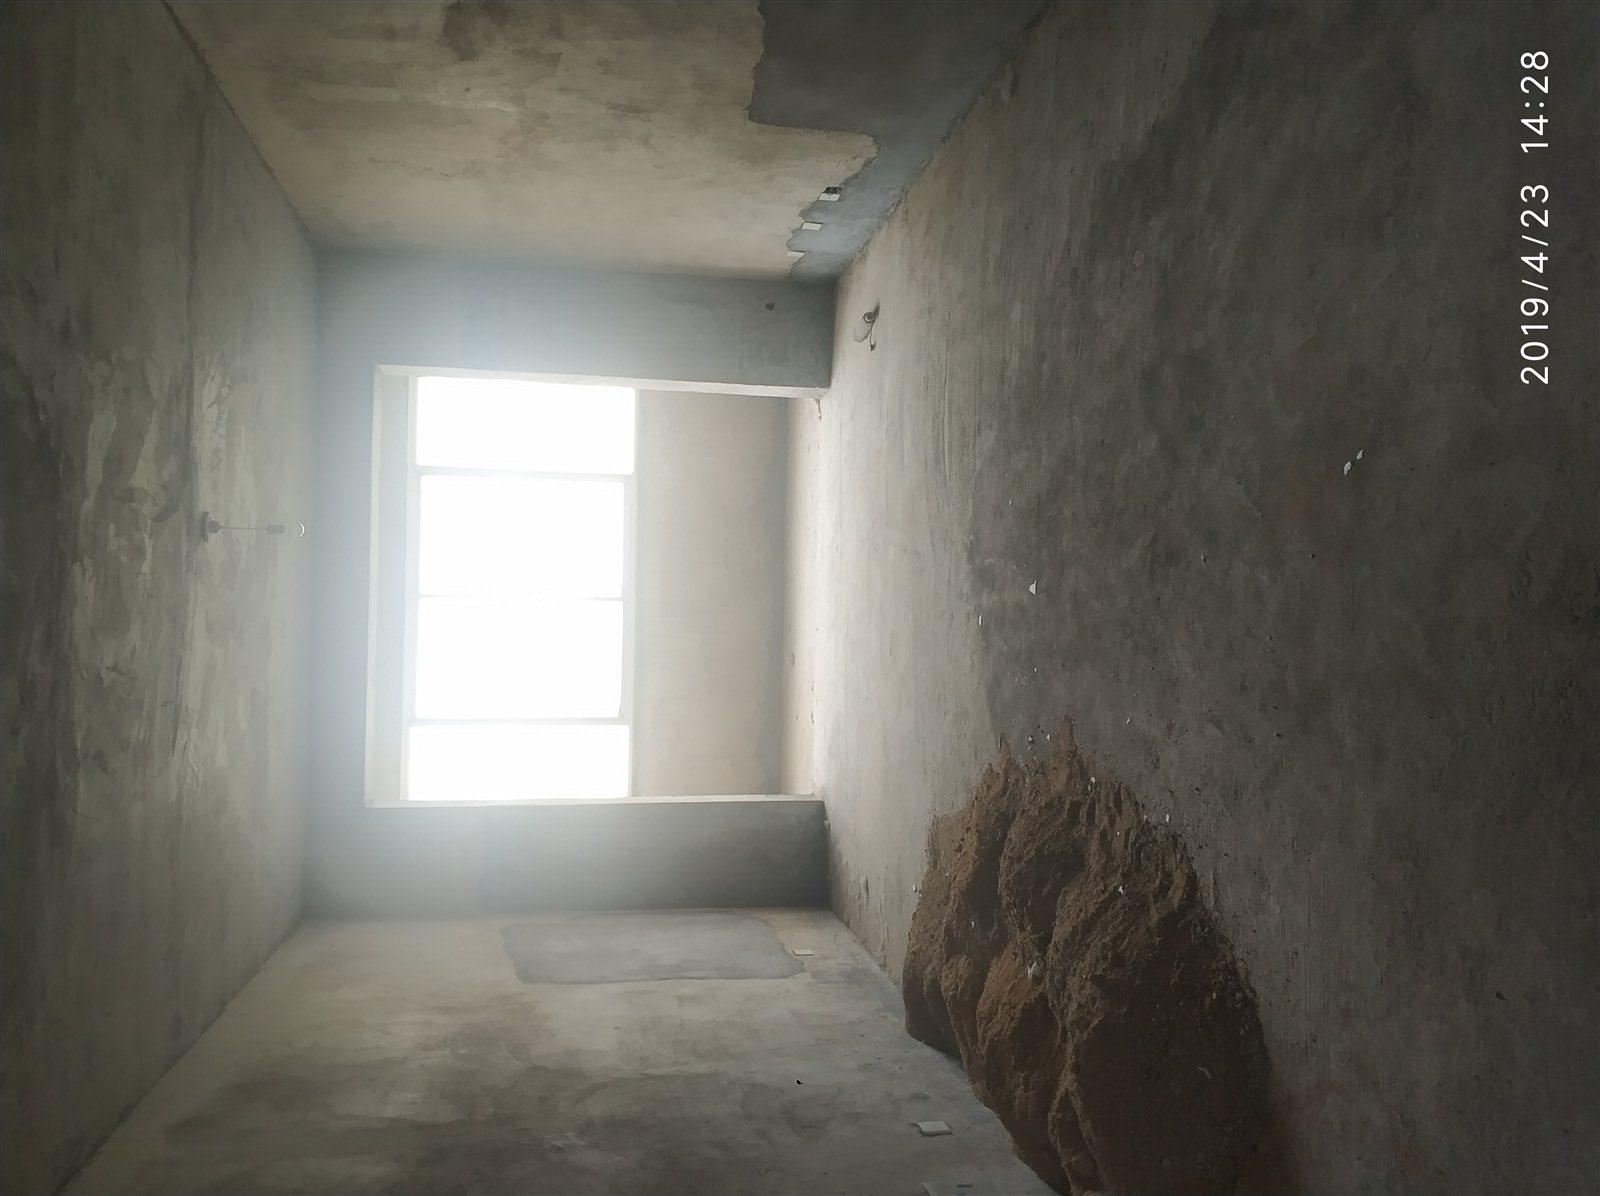 滨河公寓(浦江小区)3室 2厅 1卫54万元